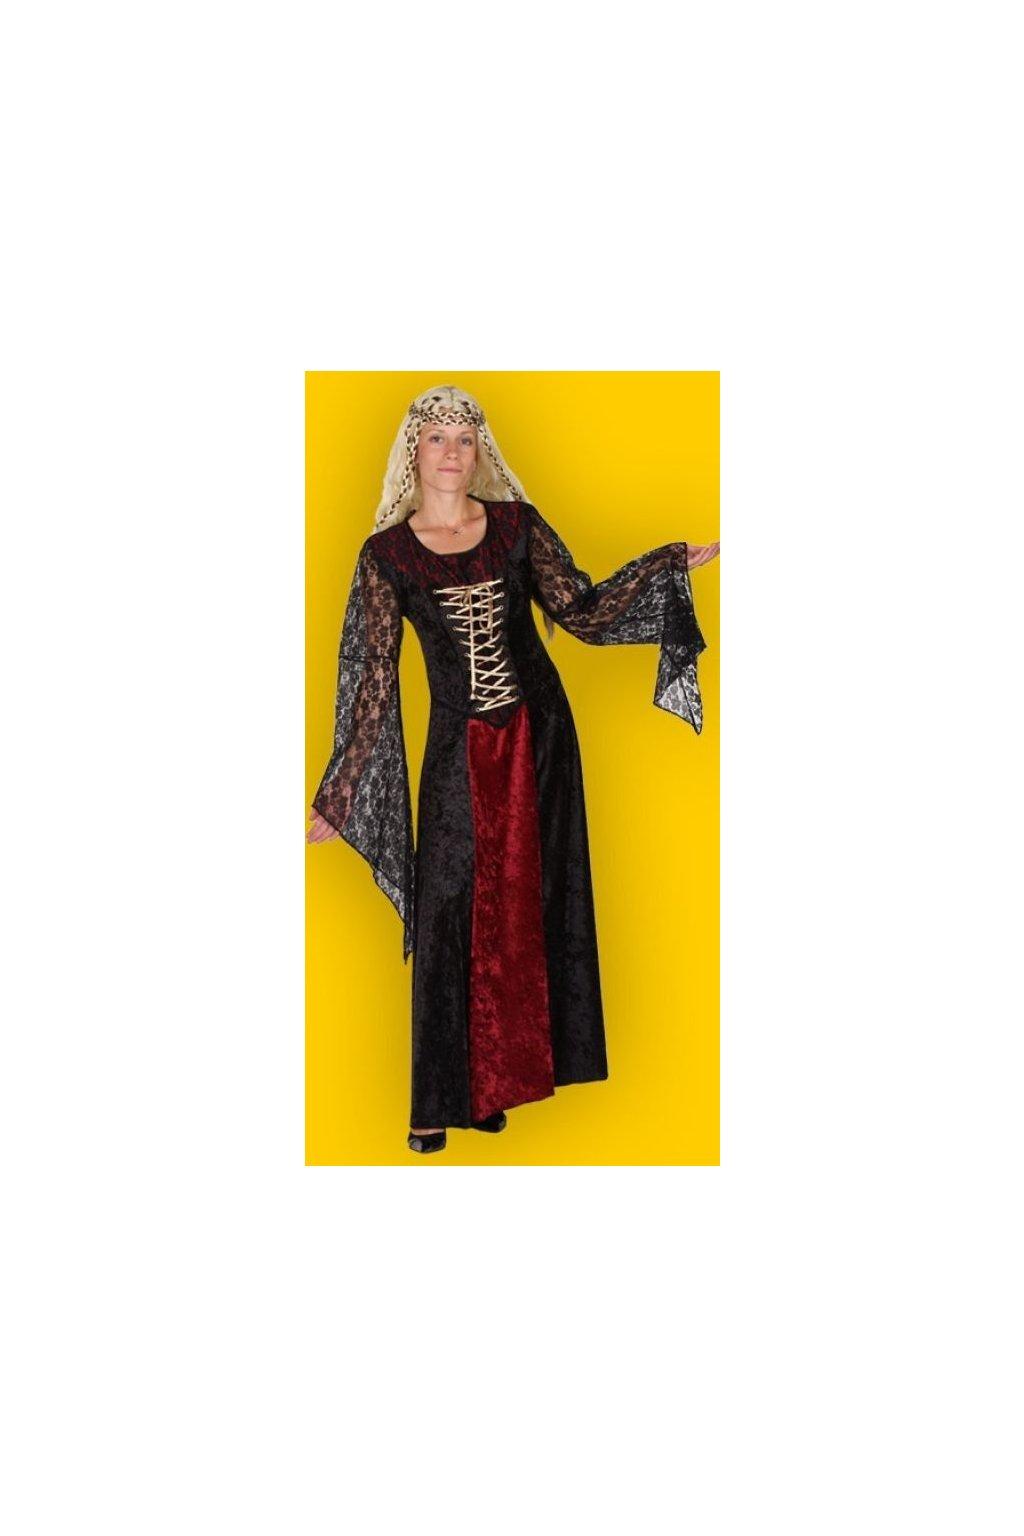 Středověký kostým - hradní dáma